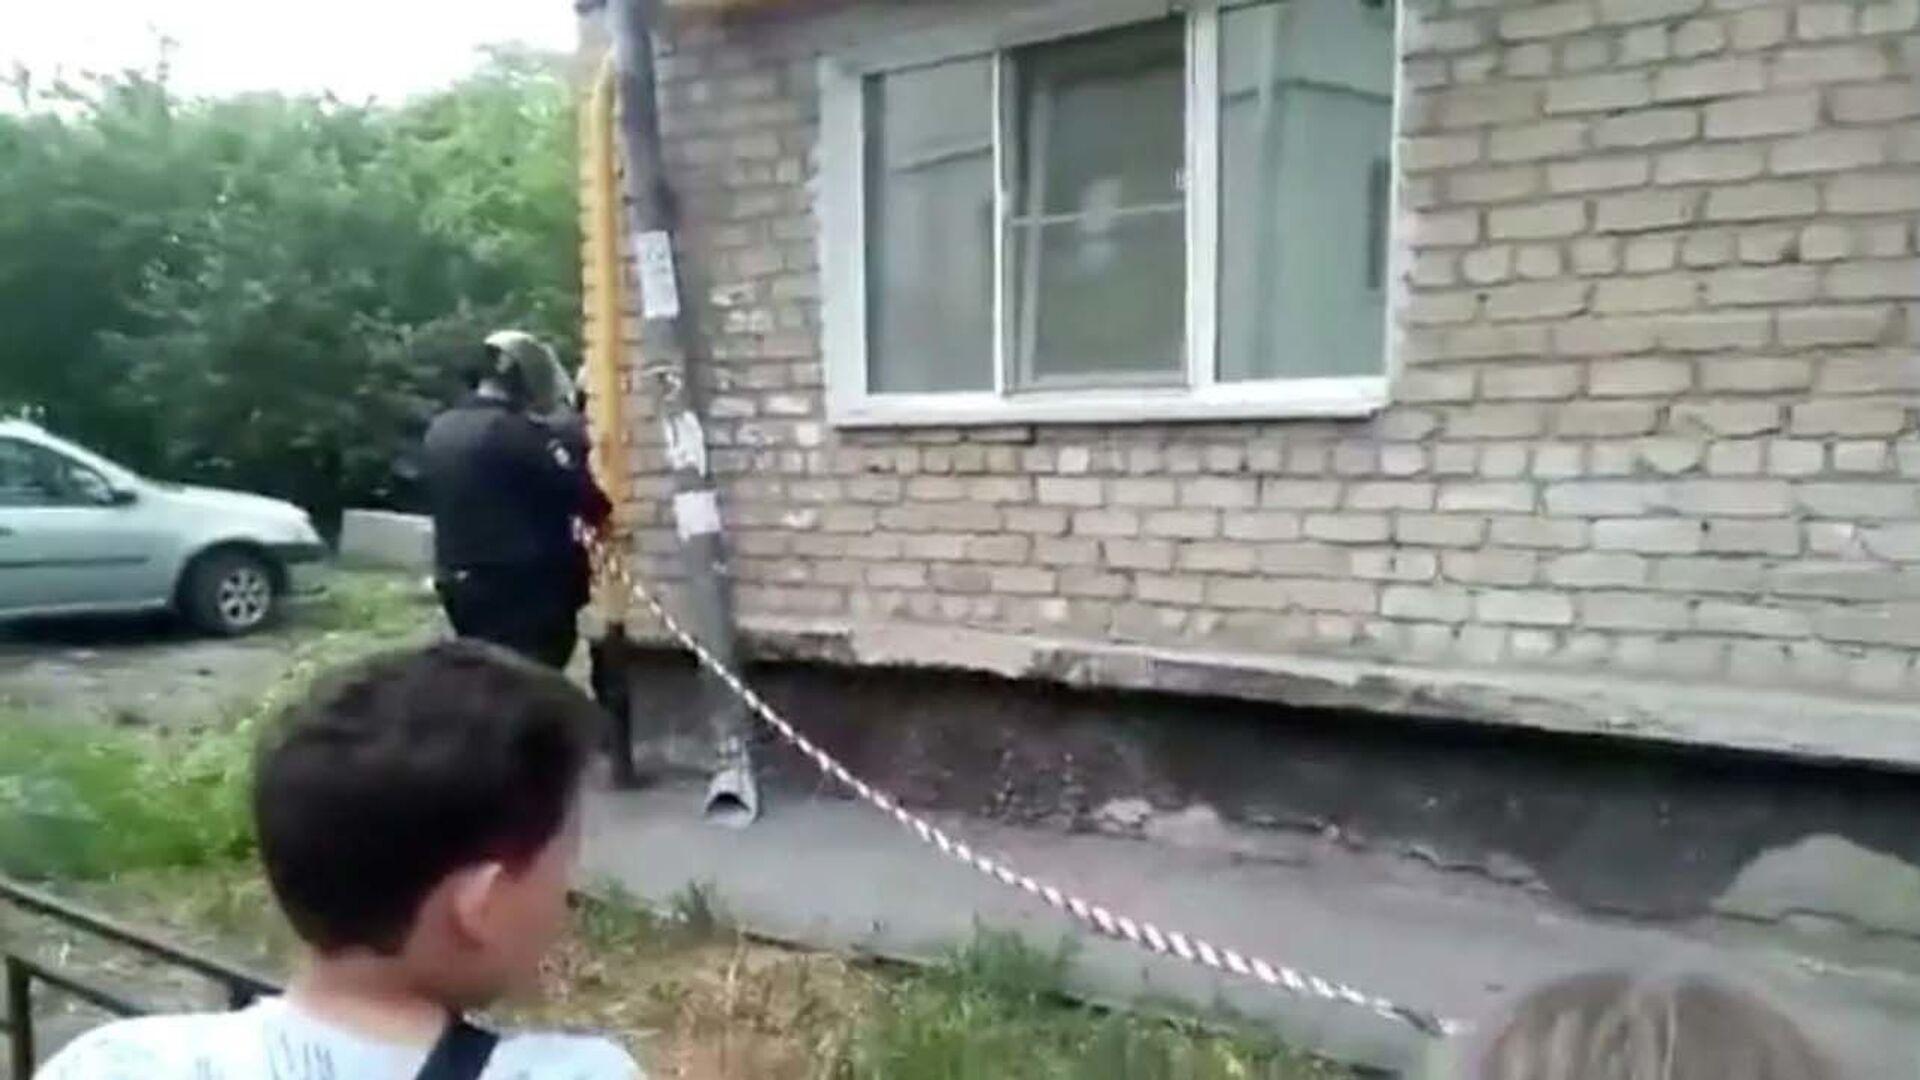 Muž v Jekatěrinburgu začal střílet z okna obytného domu - Sputnik Česká republika, 1920, 30.05.2021